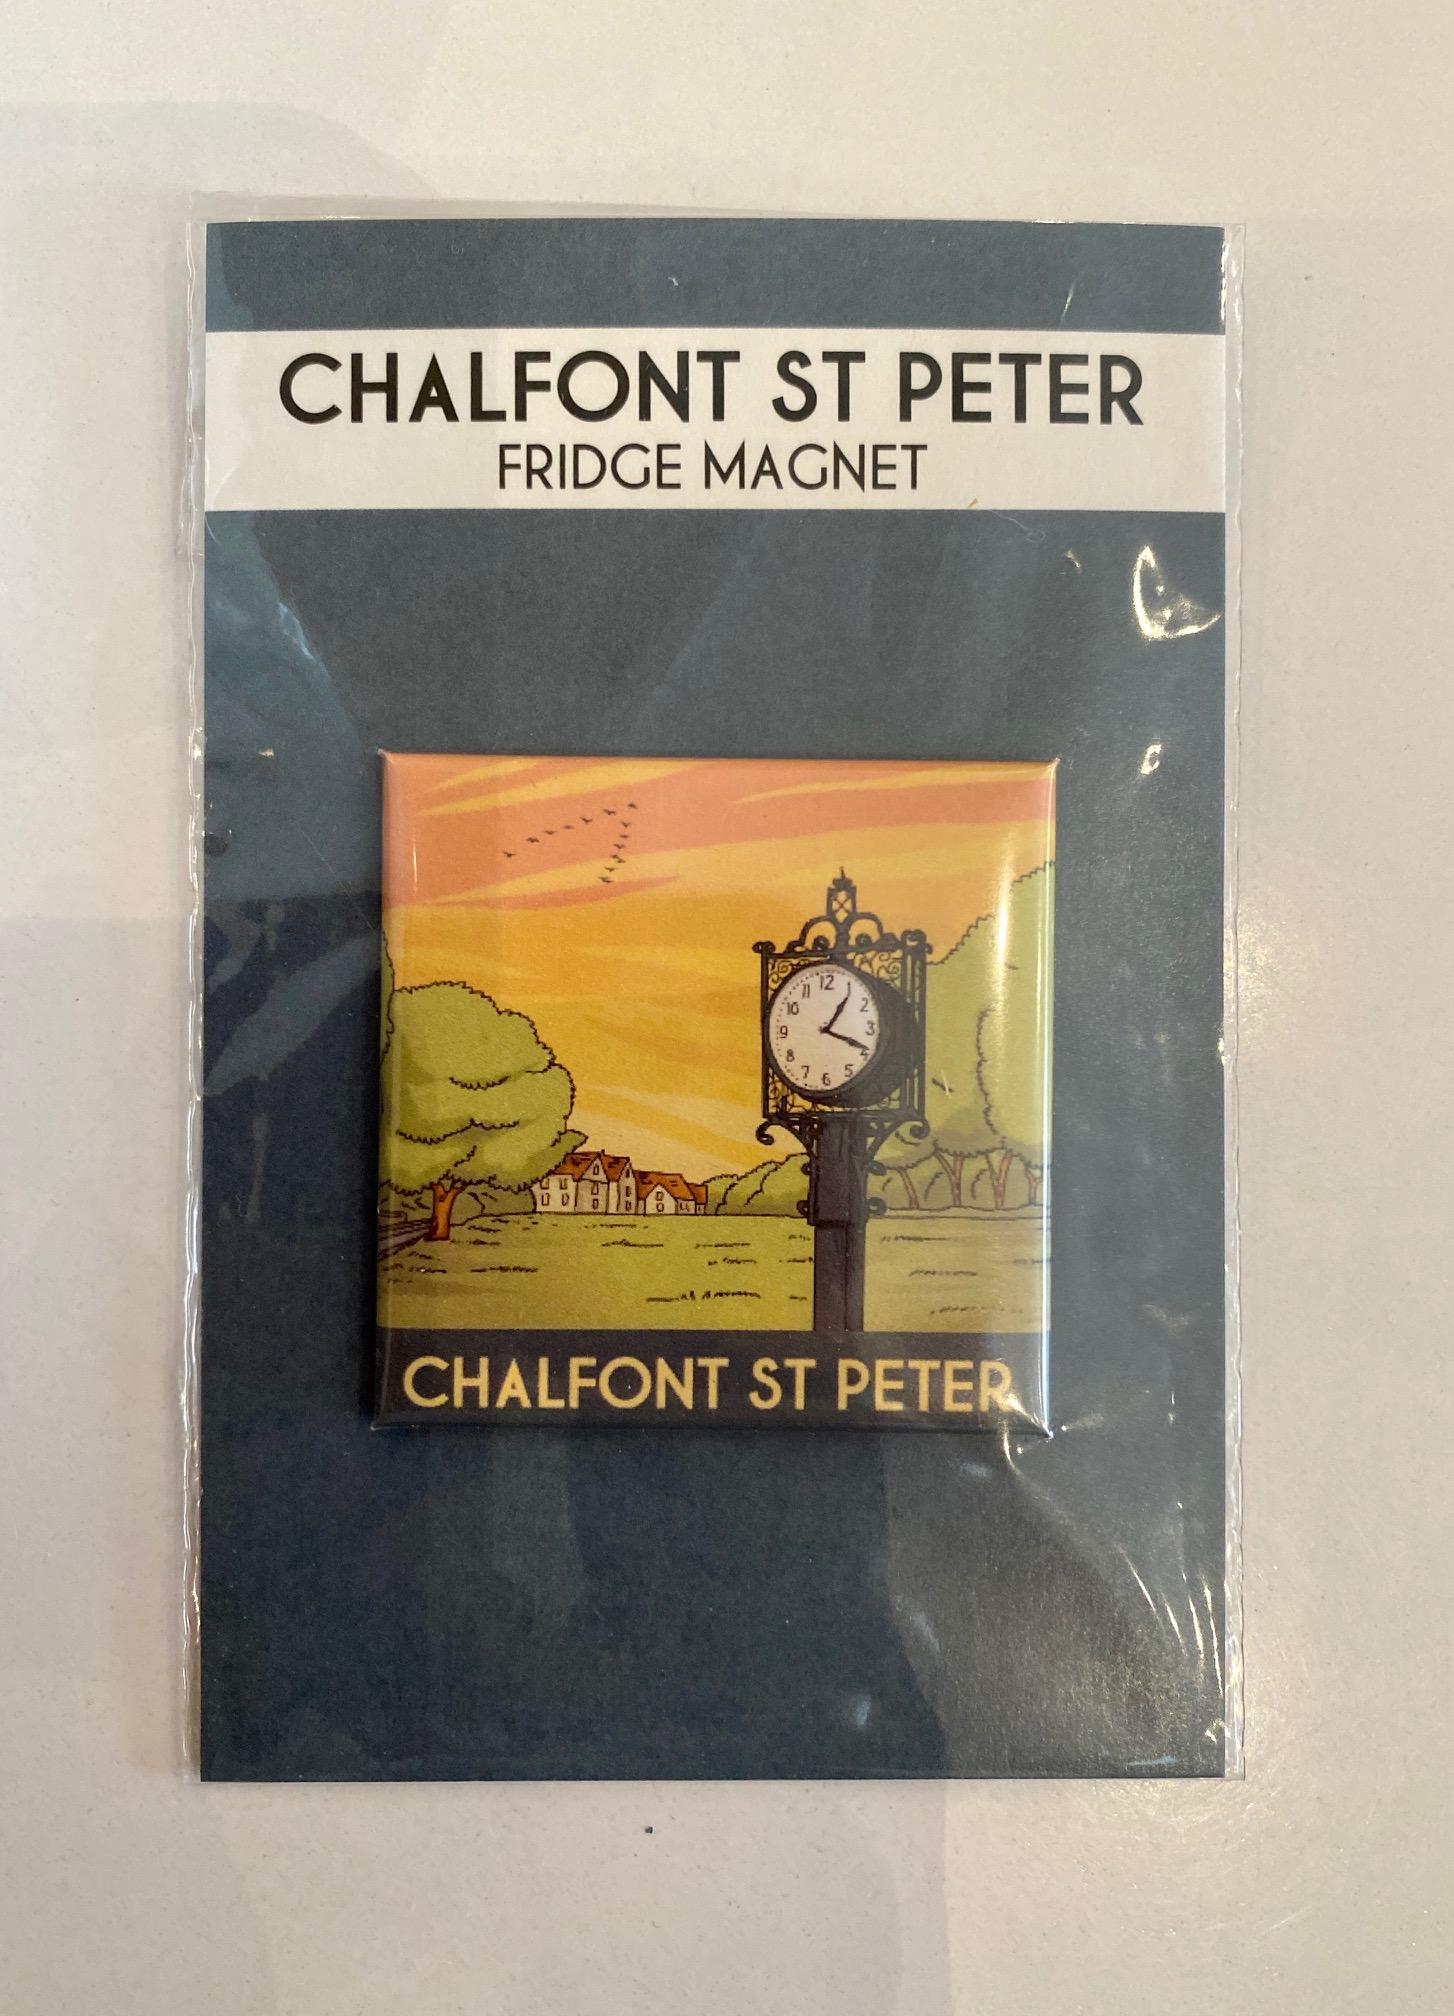 Chalfont St Peter colour fridge magnet